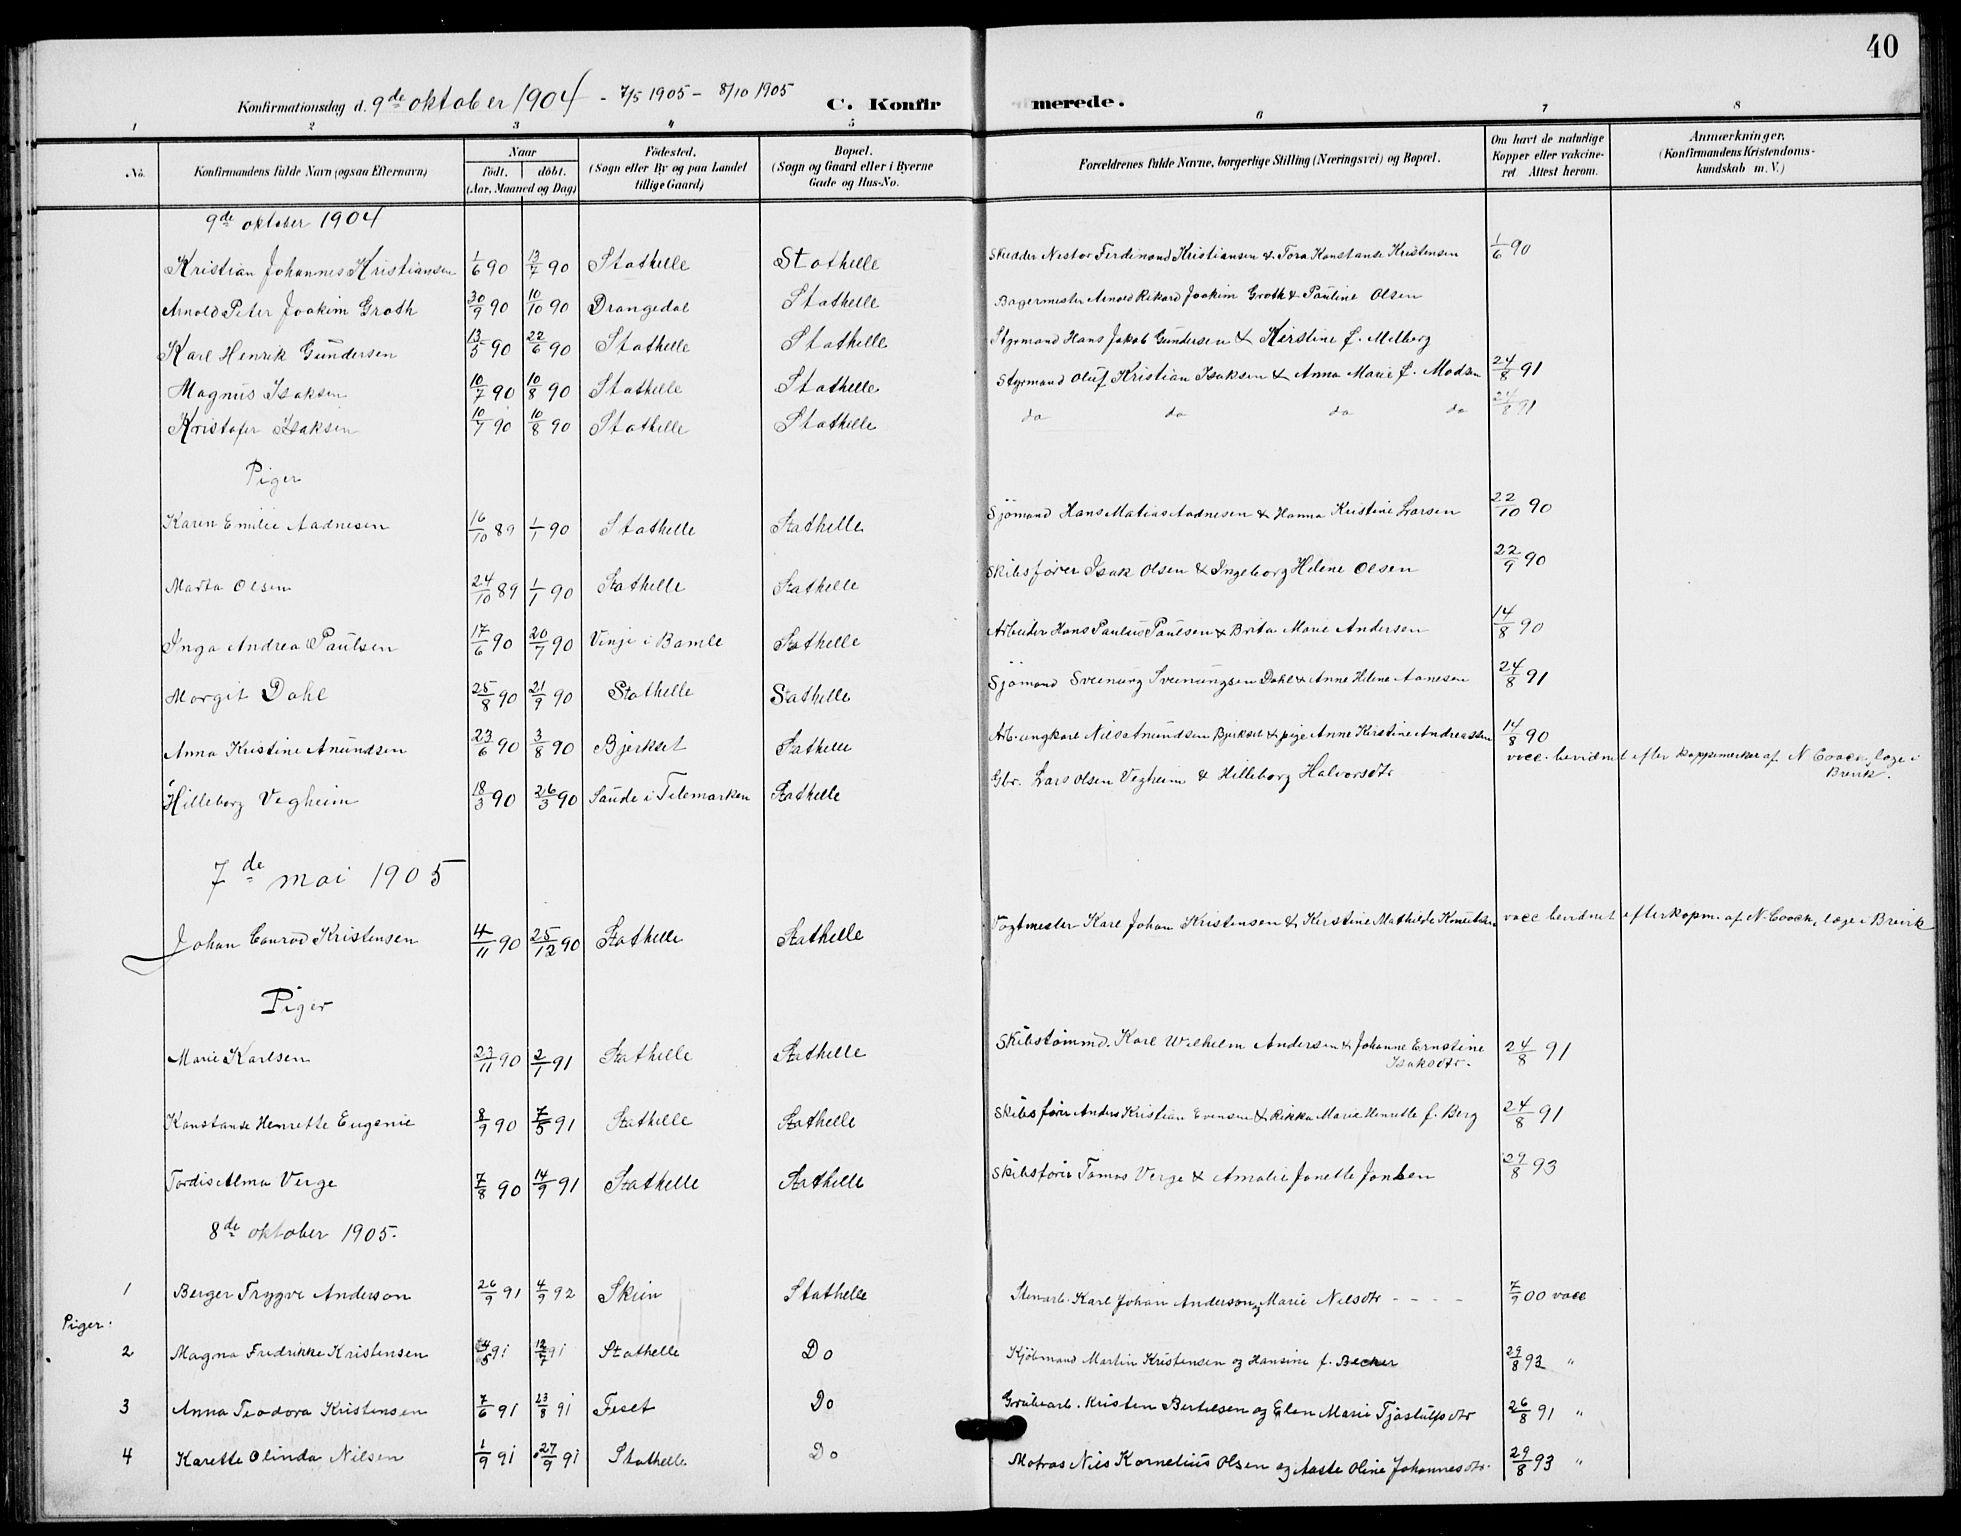 SAKO, Bamble kirkebøker, G/Gb/L0002: Klokkerbok nr. II 2, 1900-1925, s. 40